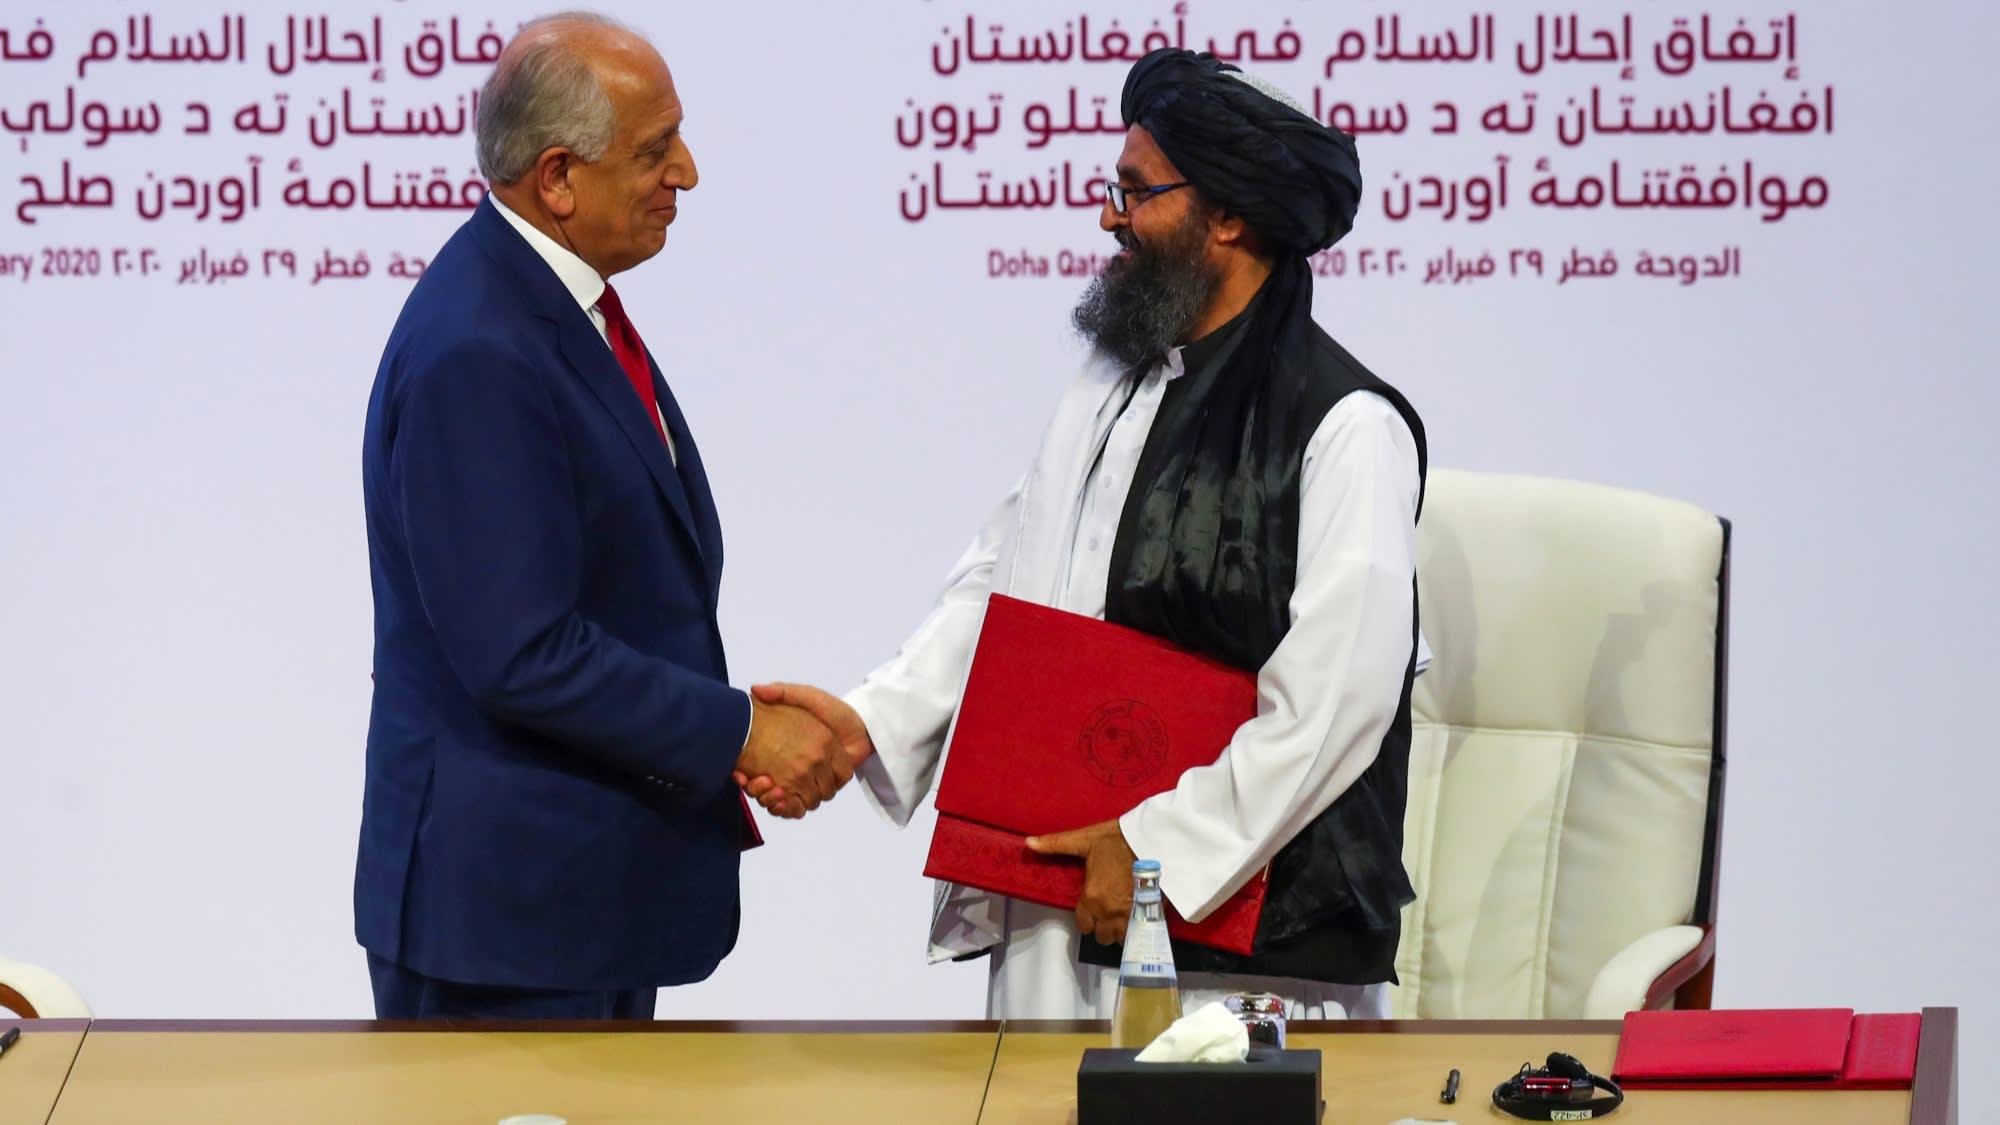 Accordi di Doha: sembrava la volta buona - IsAG